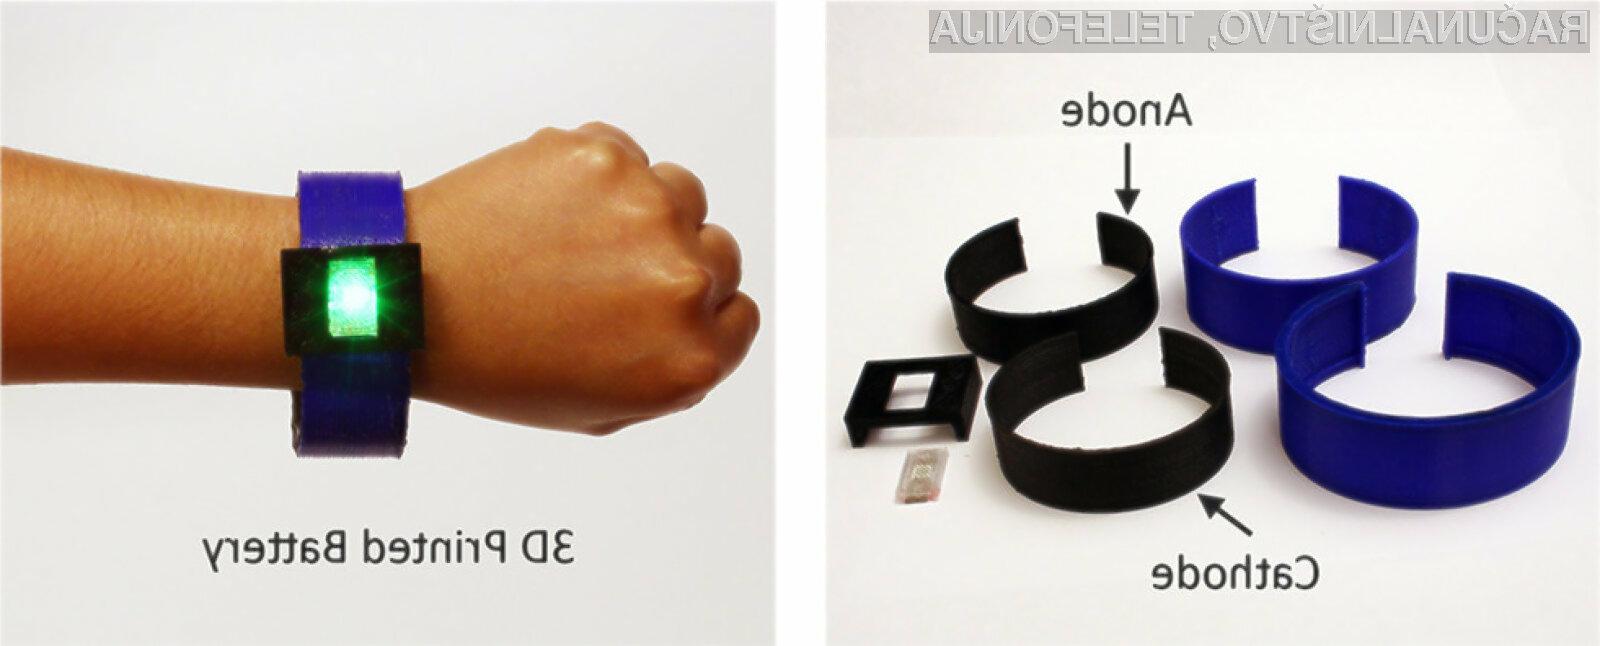 Baterije za mobilne naprave bi lahko že v bližnji prihodnosti kar natisnili s pomočjo 3D tiskalnika!